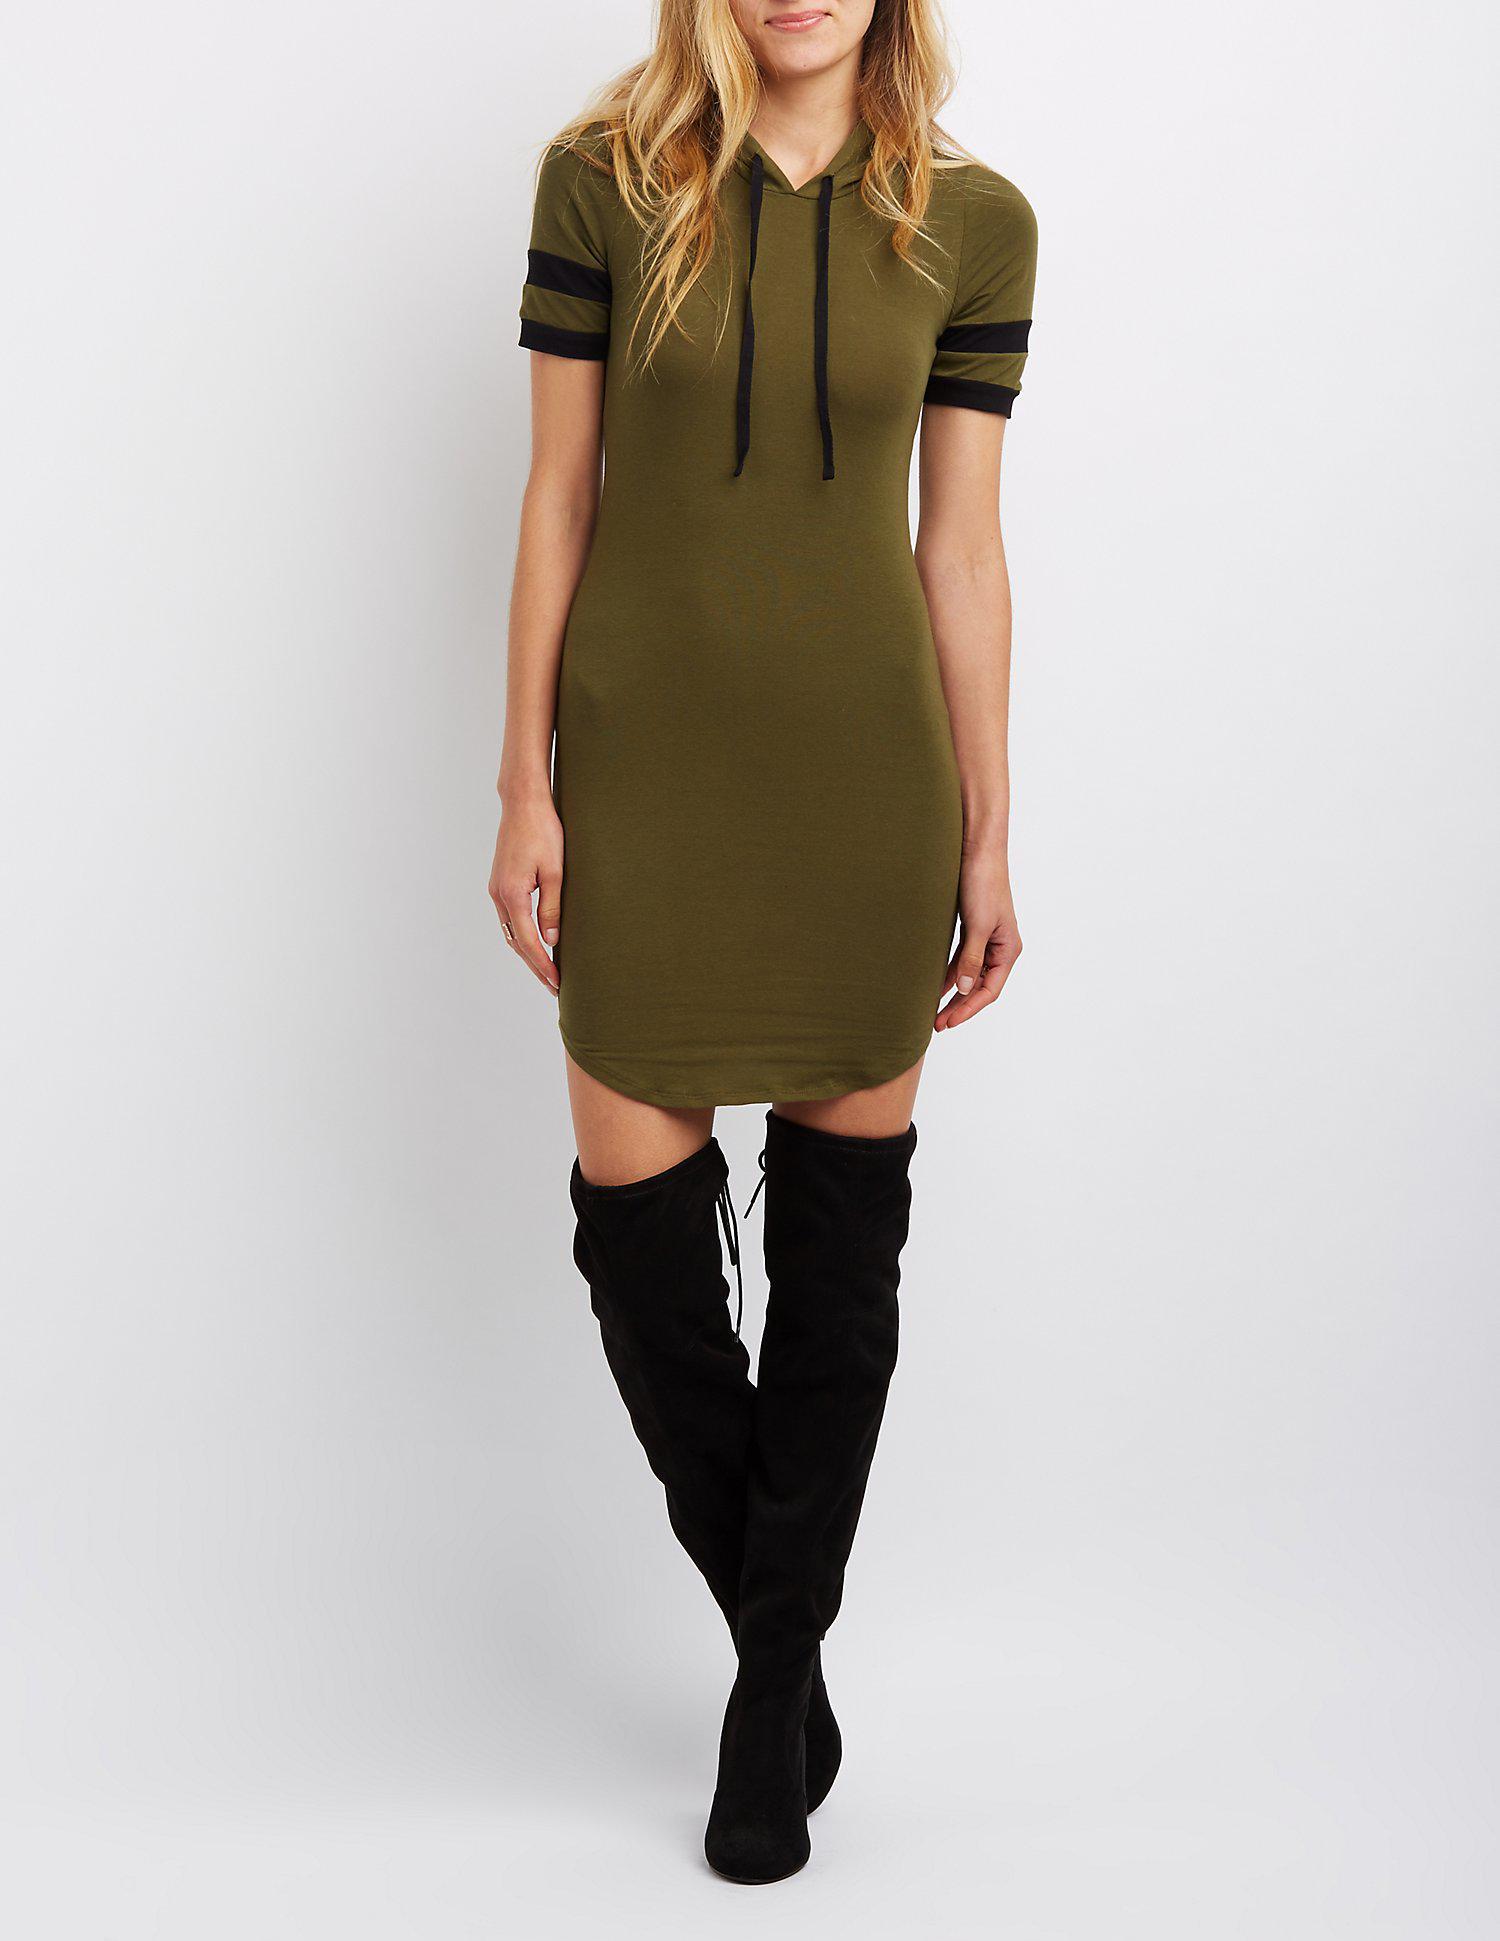 64e5c6e4b5b Lyst - Charlotte Russe Varsity Stripe Hooded Sweatshirt Dress in Green